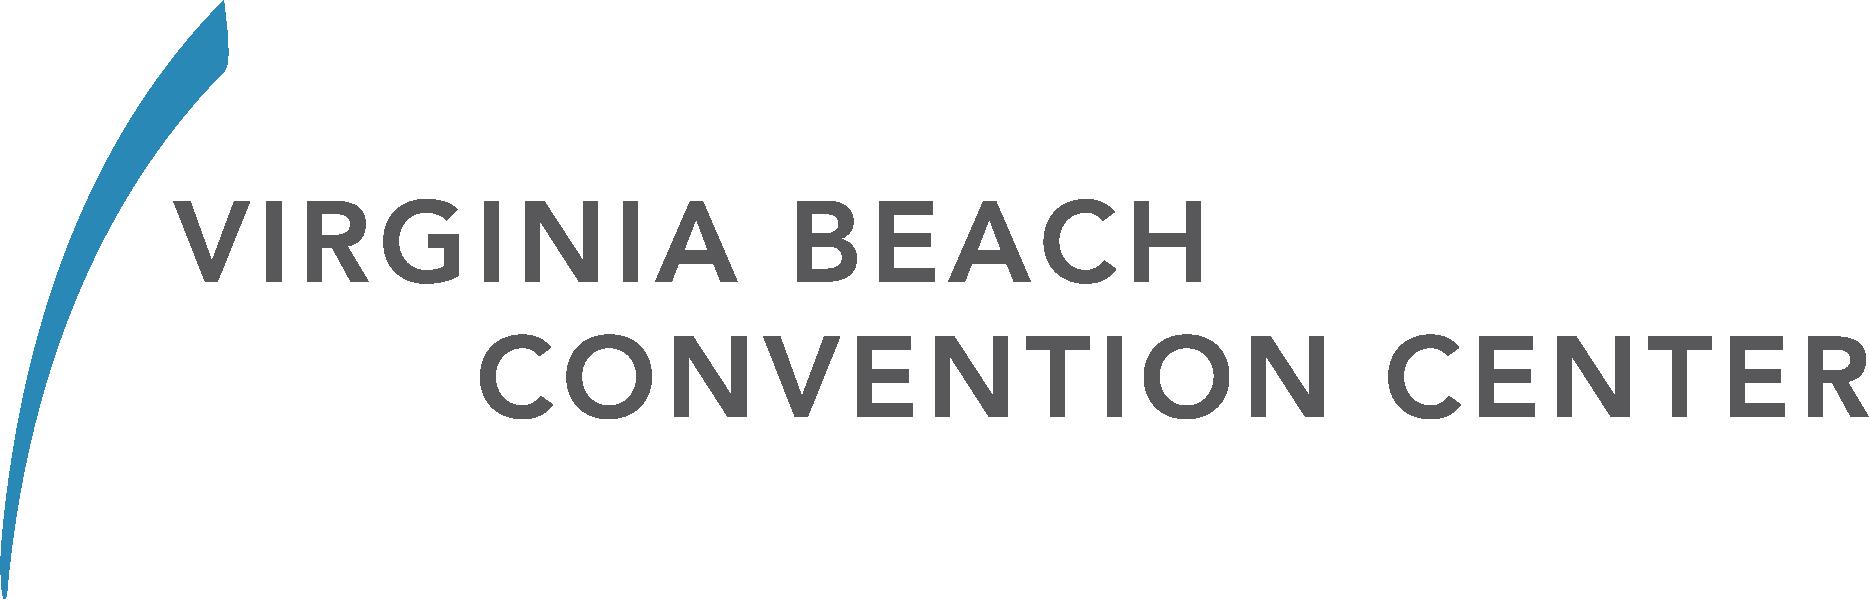 Virginia Beach Convention Center Logo